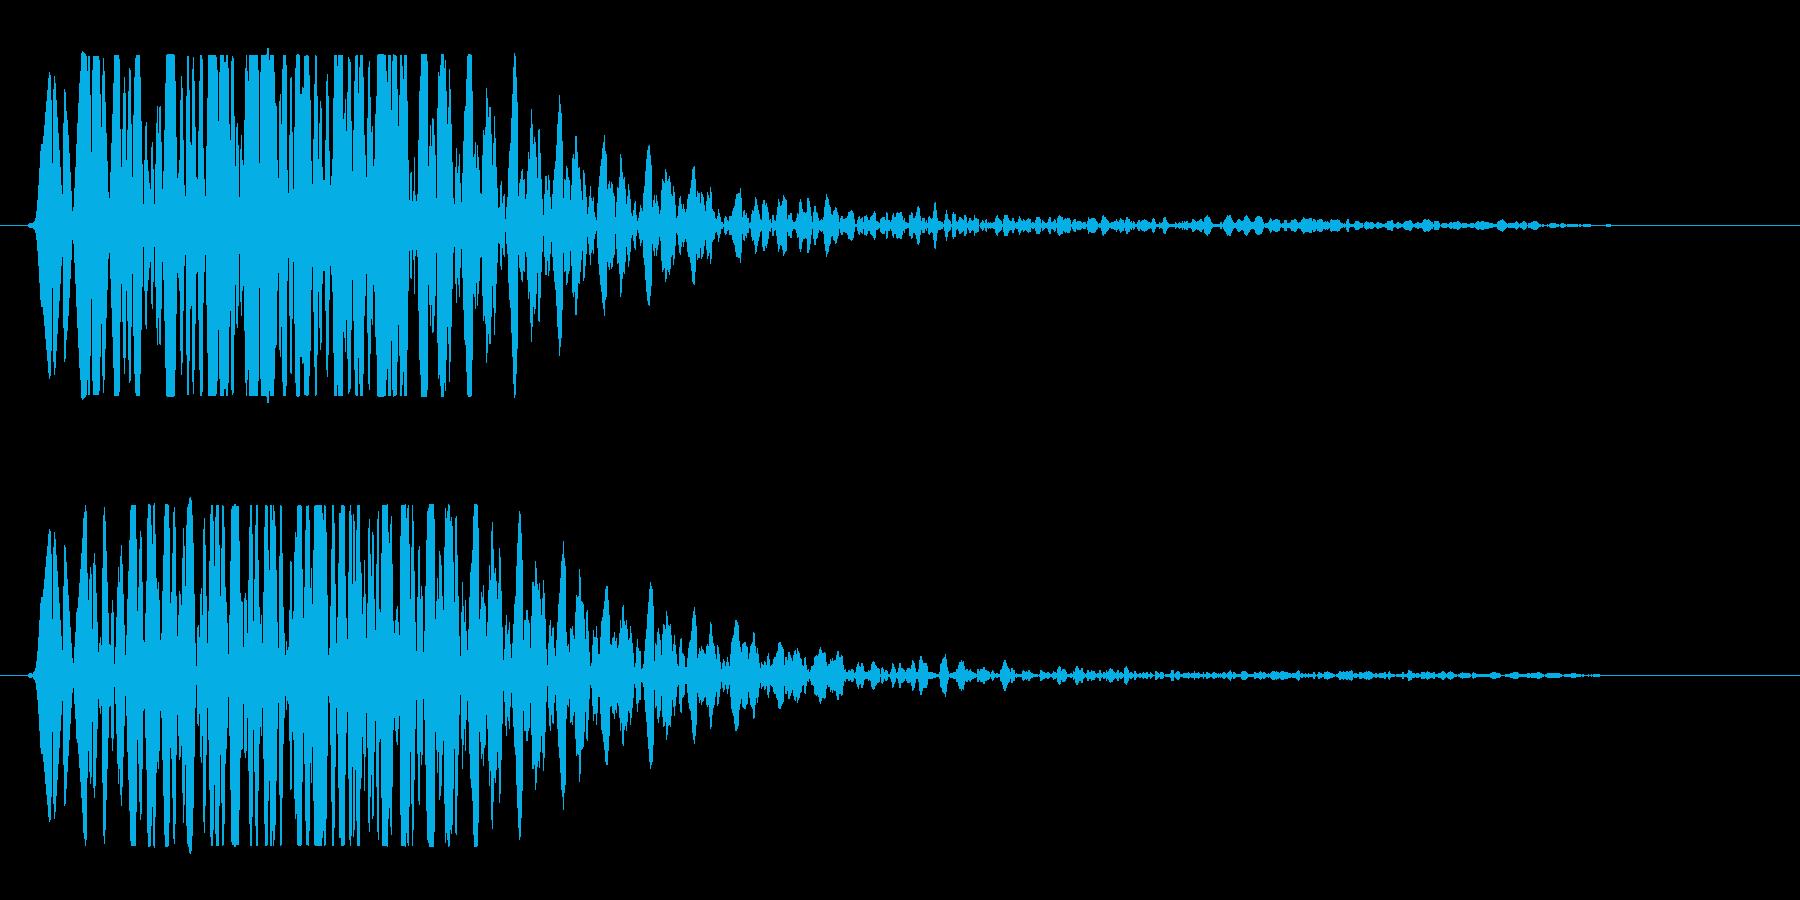 何かに弾かれたような音の再生済みの波形